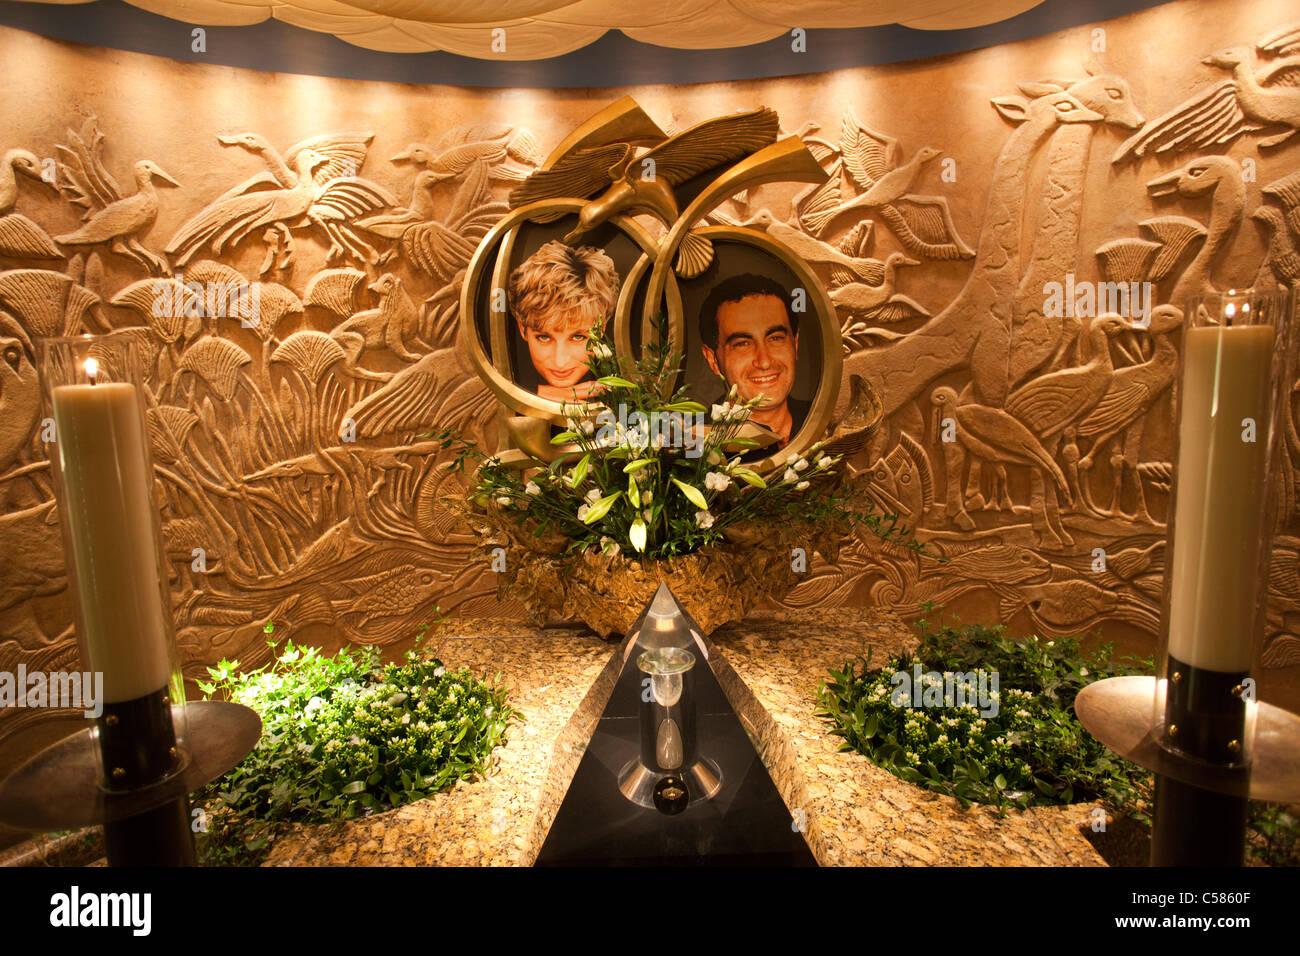 uk vereinigtes knigreich grobritannien grobritannien england london kensington harrods kaufhaus harrods interieur interieur